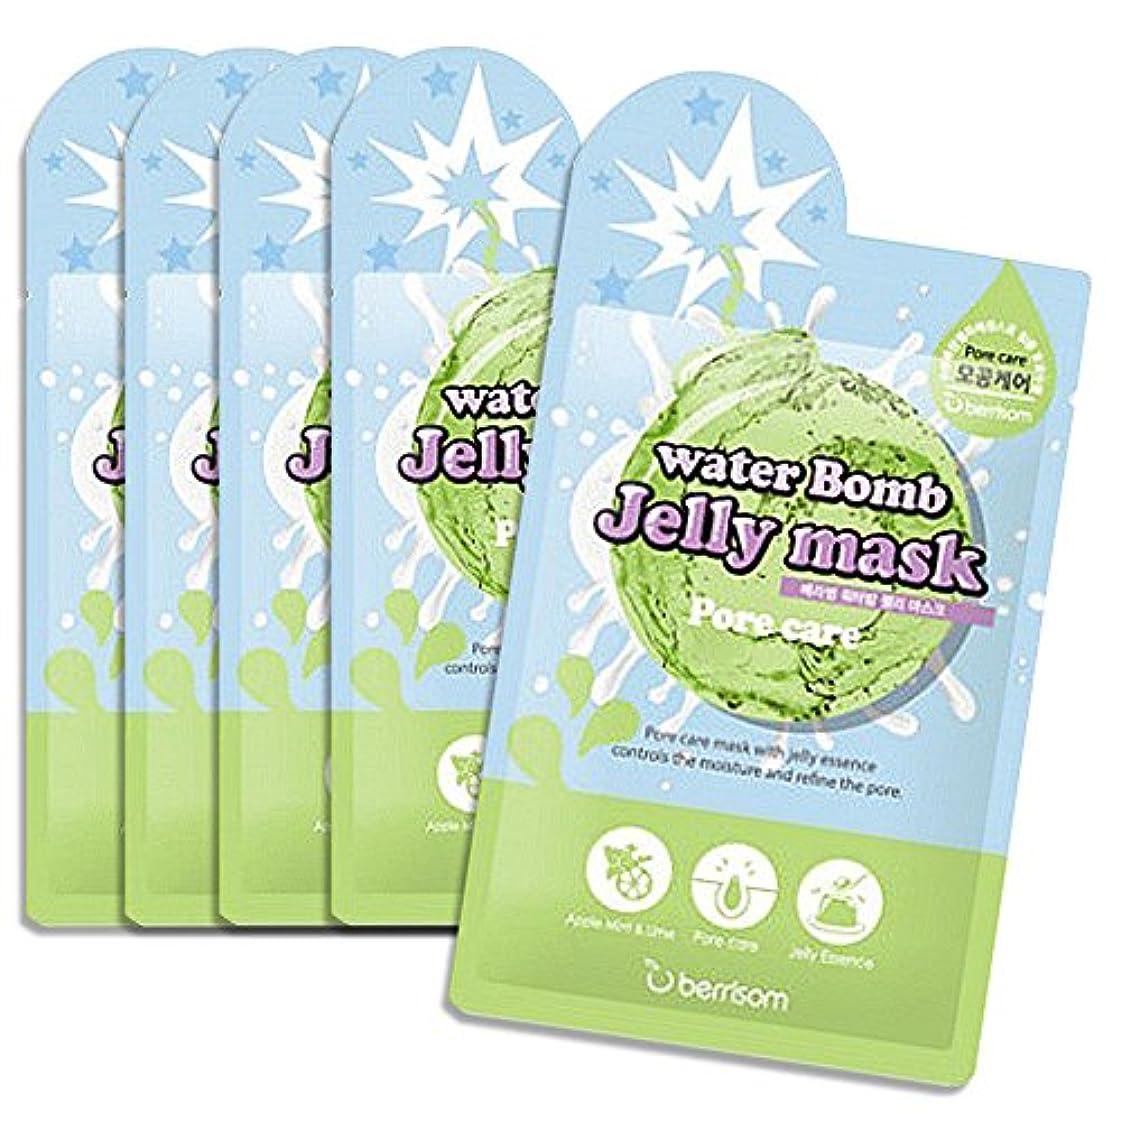 スリチンモイ厚い保証金Berrisom Water Bomb Jelly Mask 33ml*5ea (pore care) [並行輸入品]